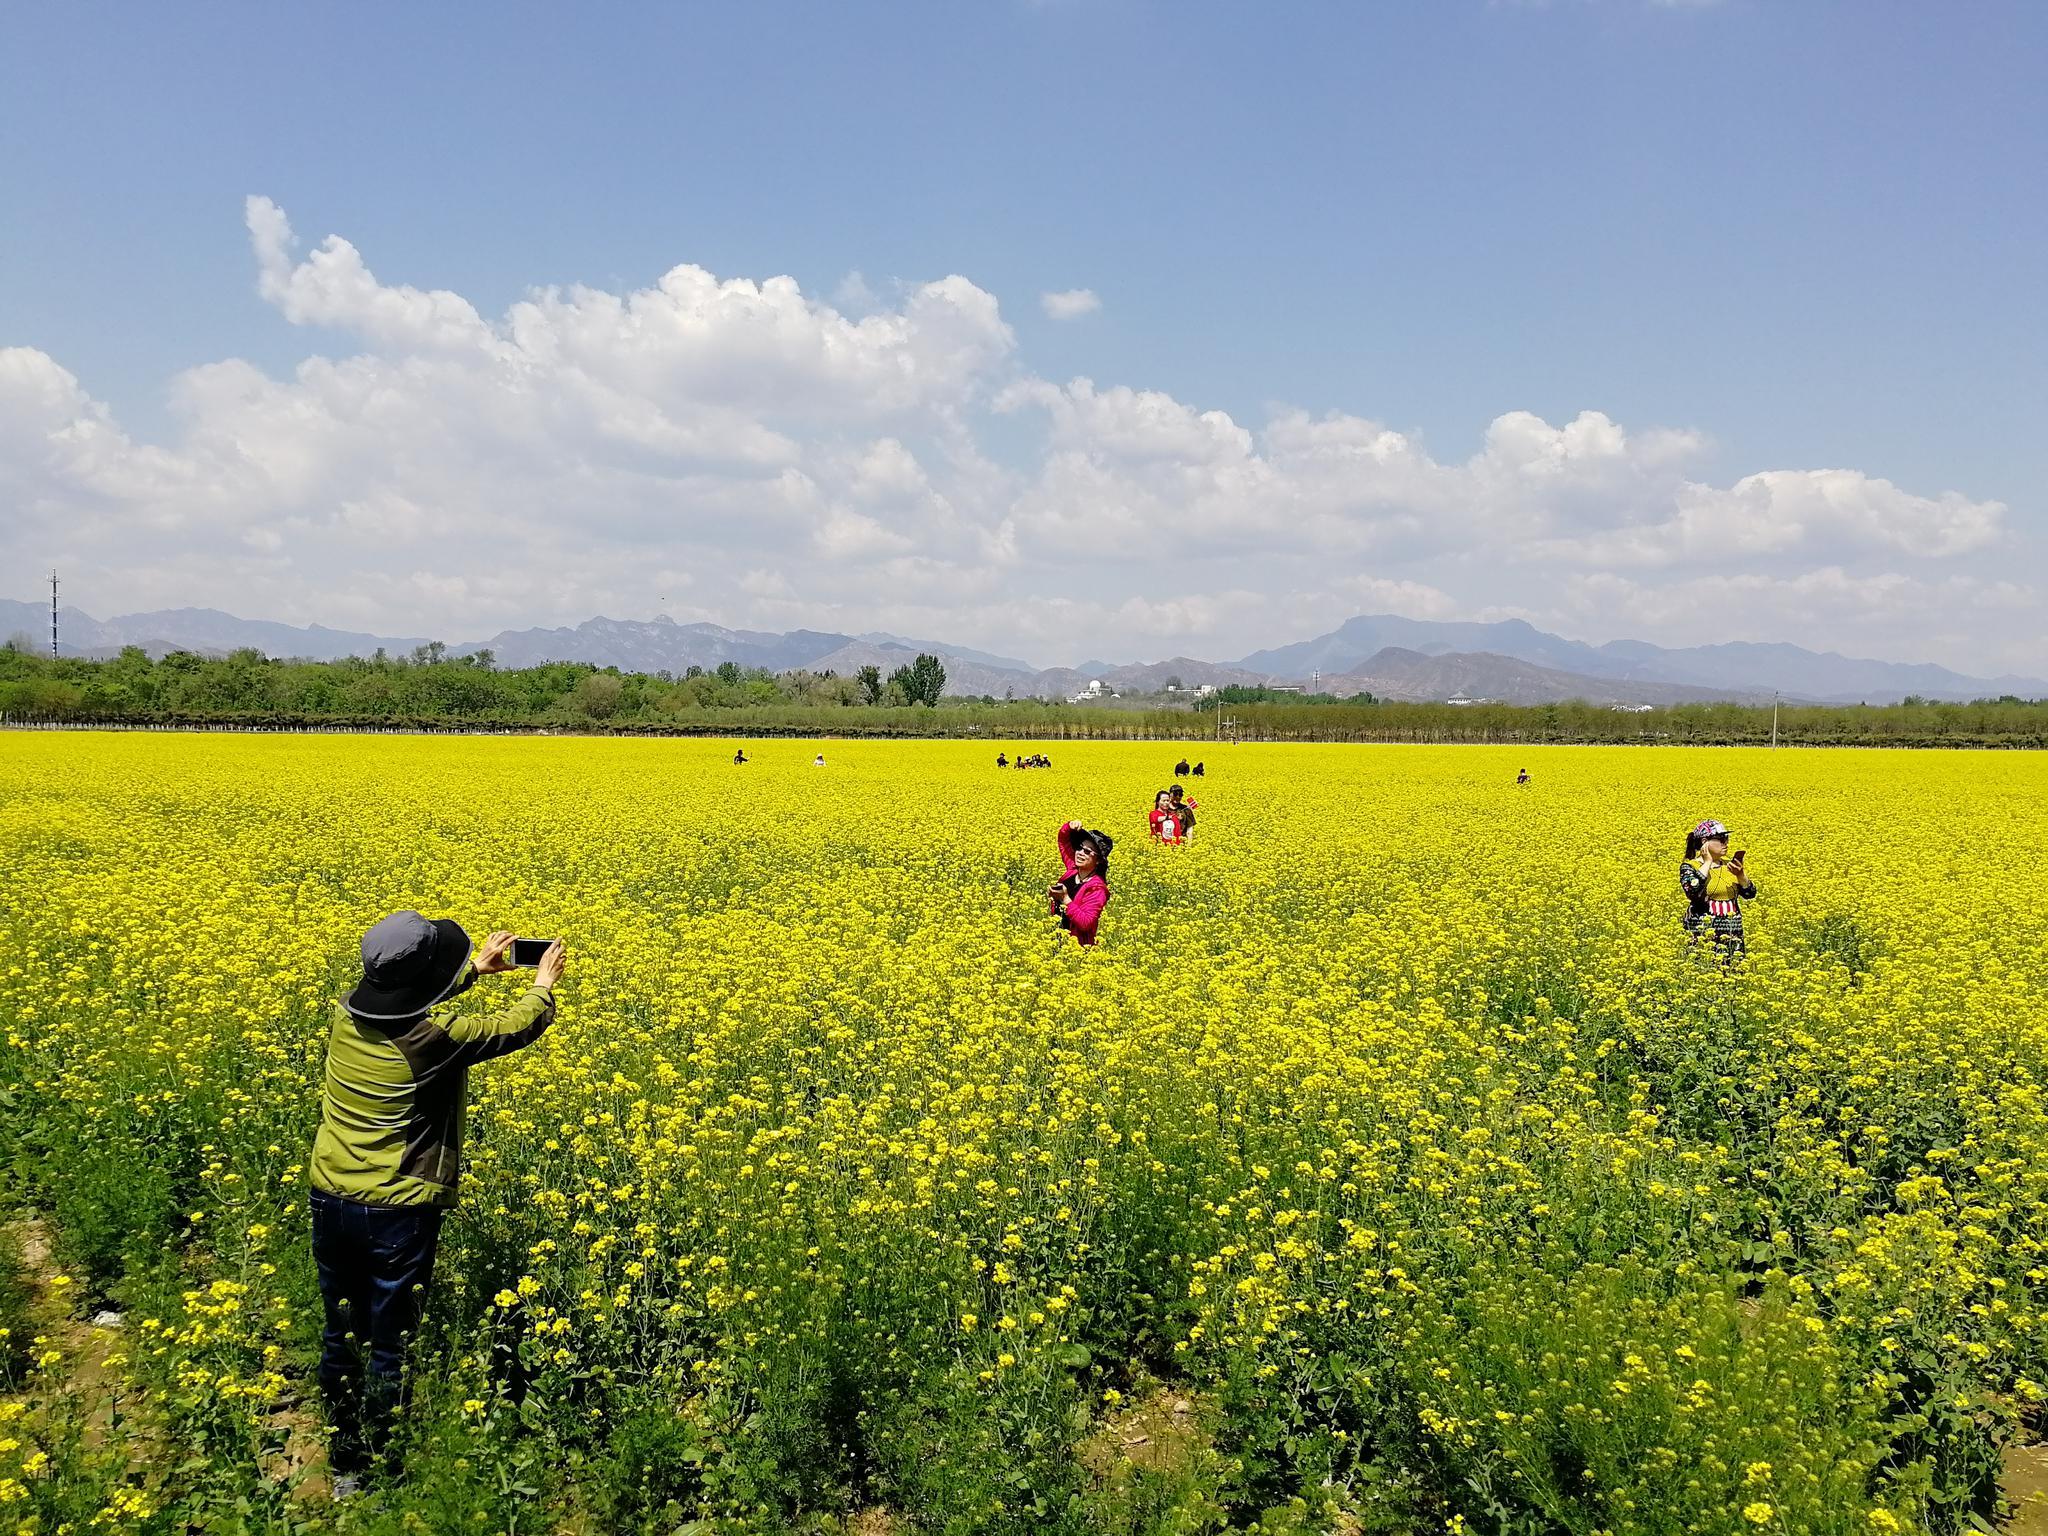 摩天平台:菜花摩天平台北京14万亩景观农田图片